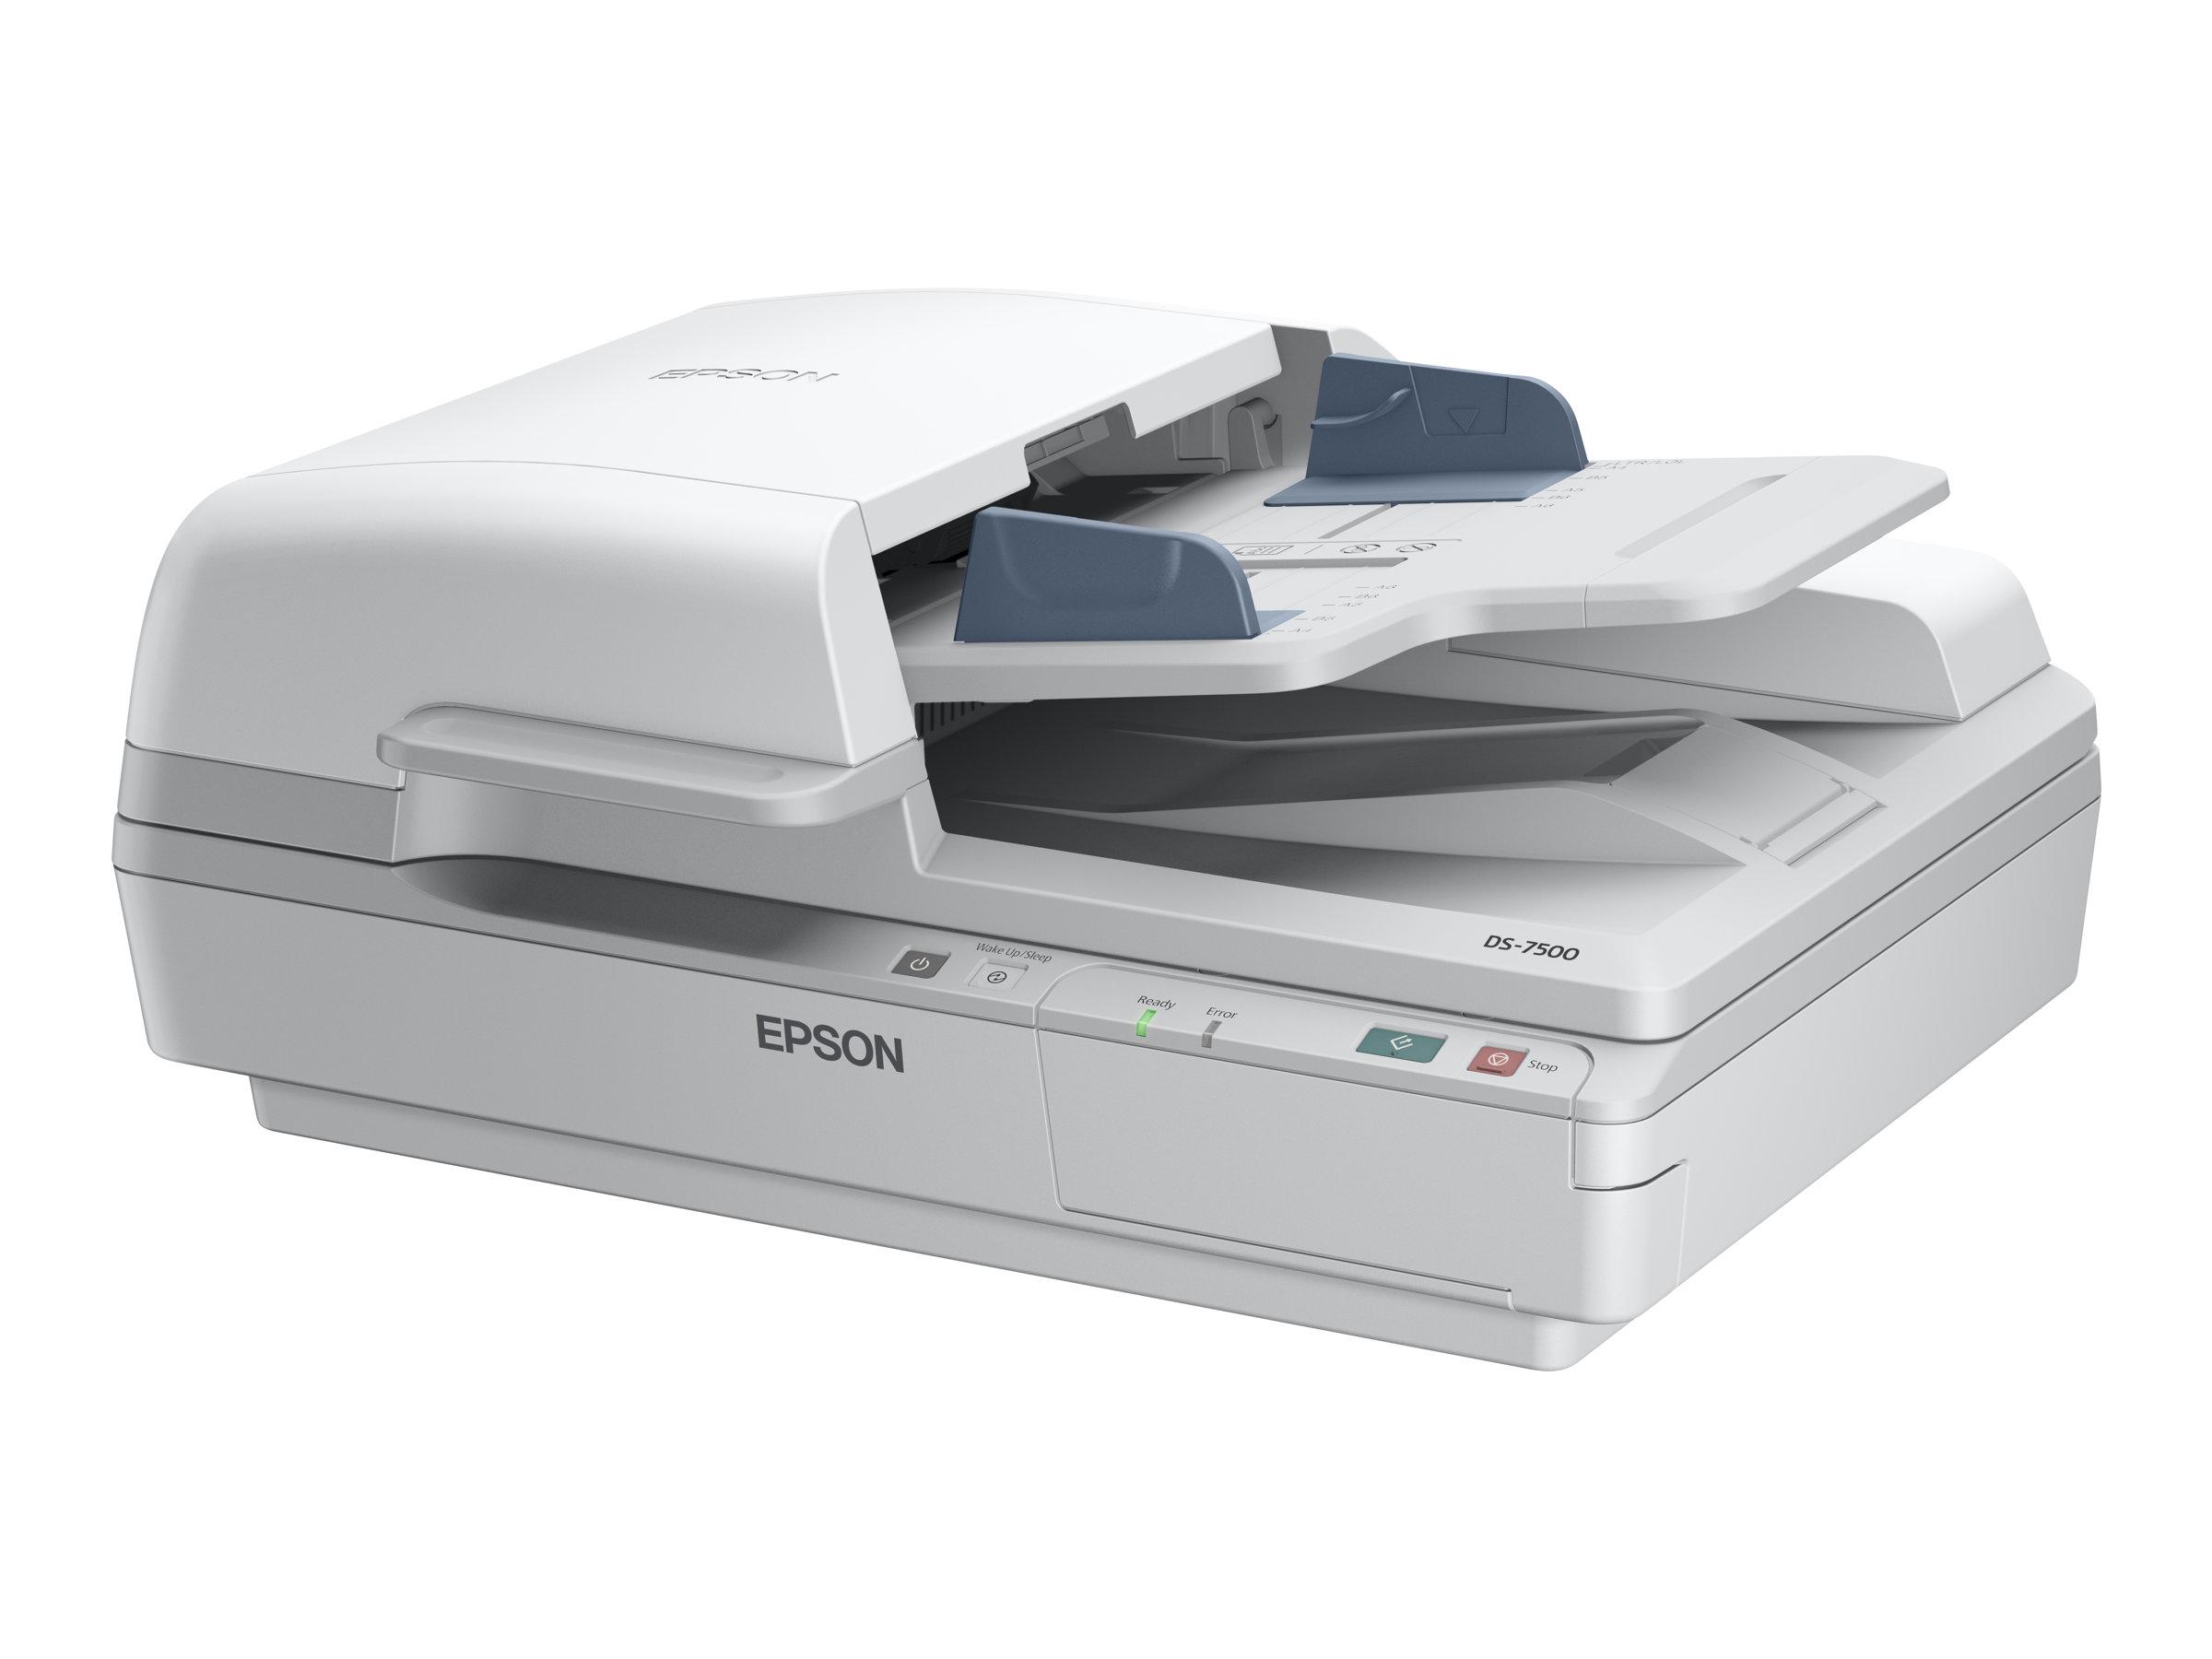 Epson WorkForce DS-6500 - Dokumentenscanner - Duplex - A4 - 1200 dpi x 1200 dpi - bis zu 25 Seiten/Min. (einfarbig) / bis zu 25